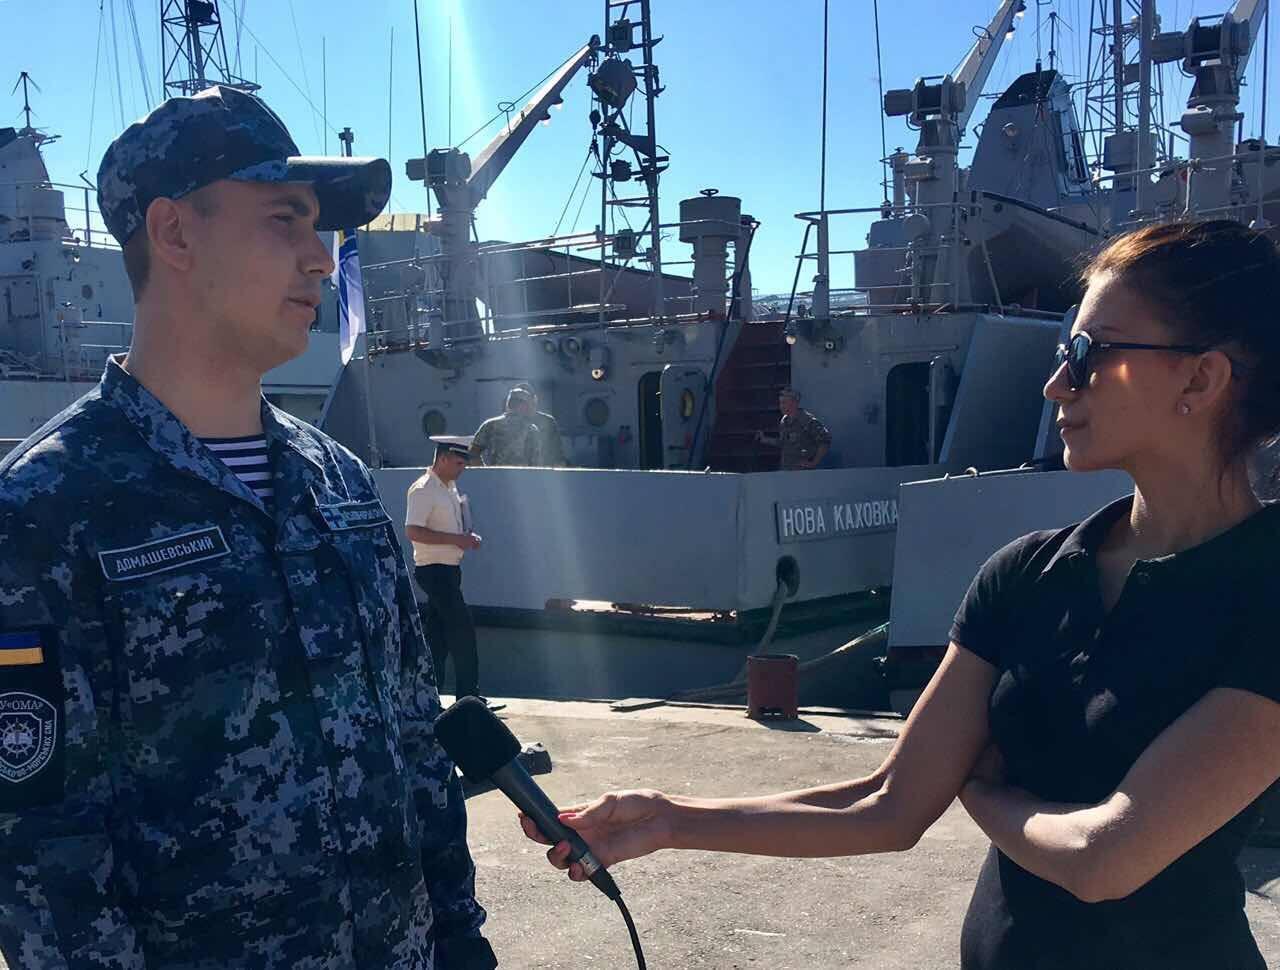 Курсанти Інституту ВМС під час катерного походу відвідають іноземні порти – Варна та Констанца